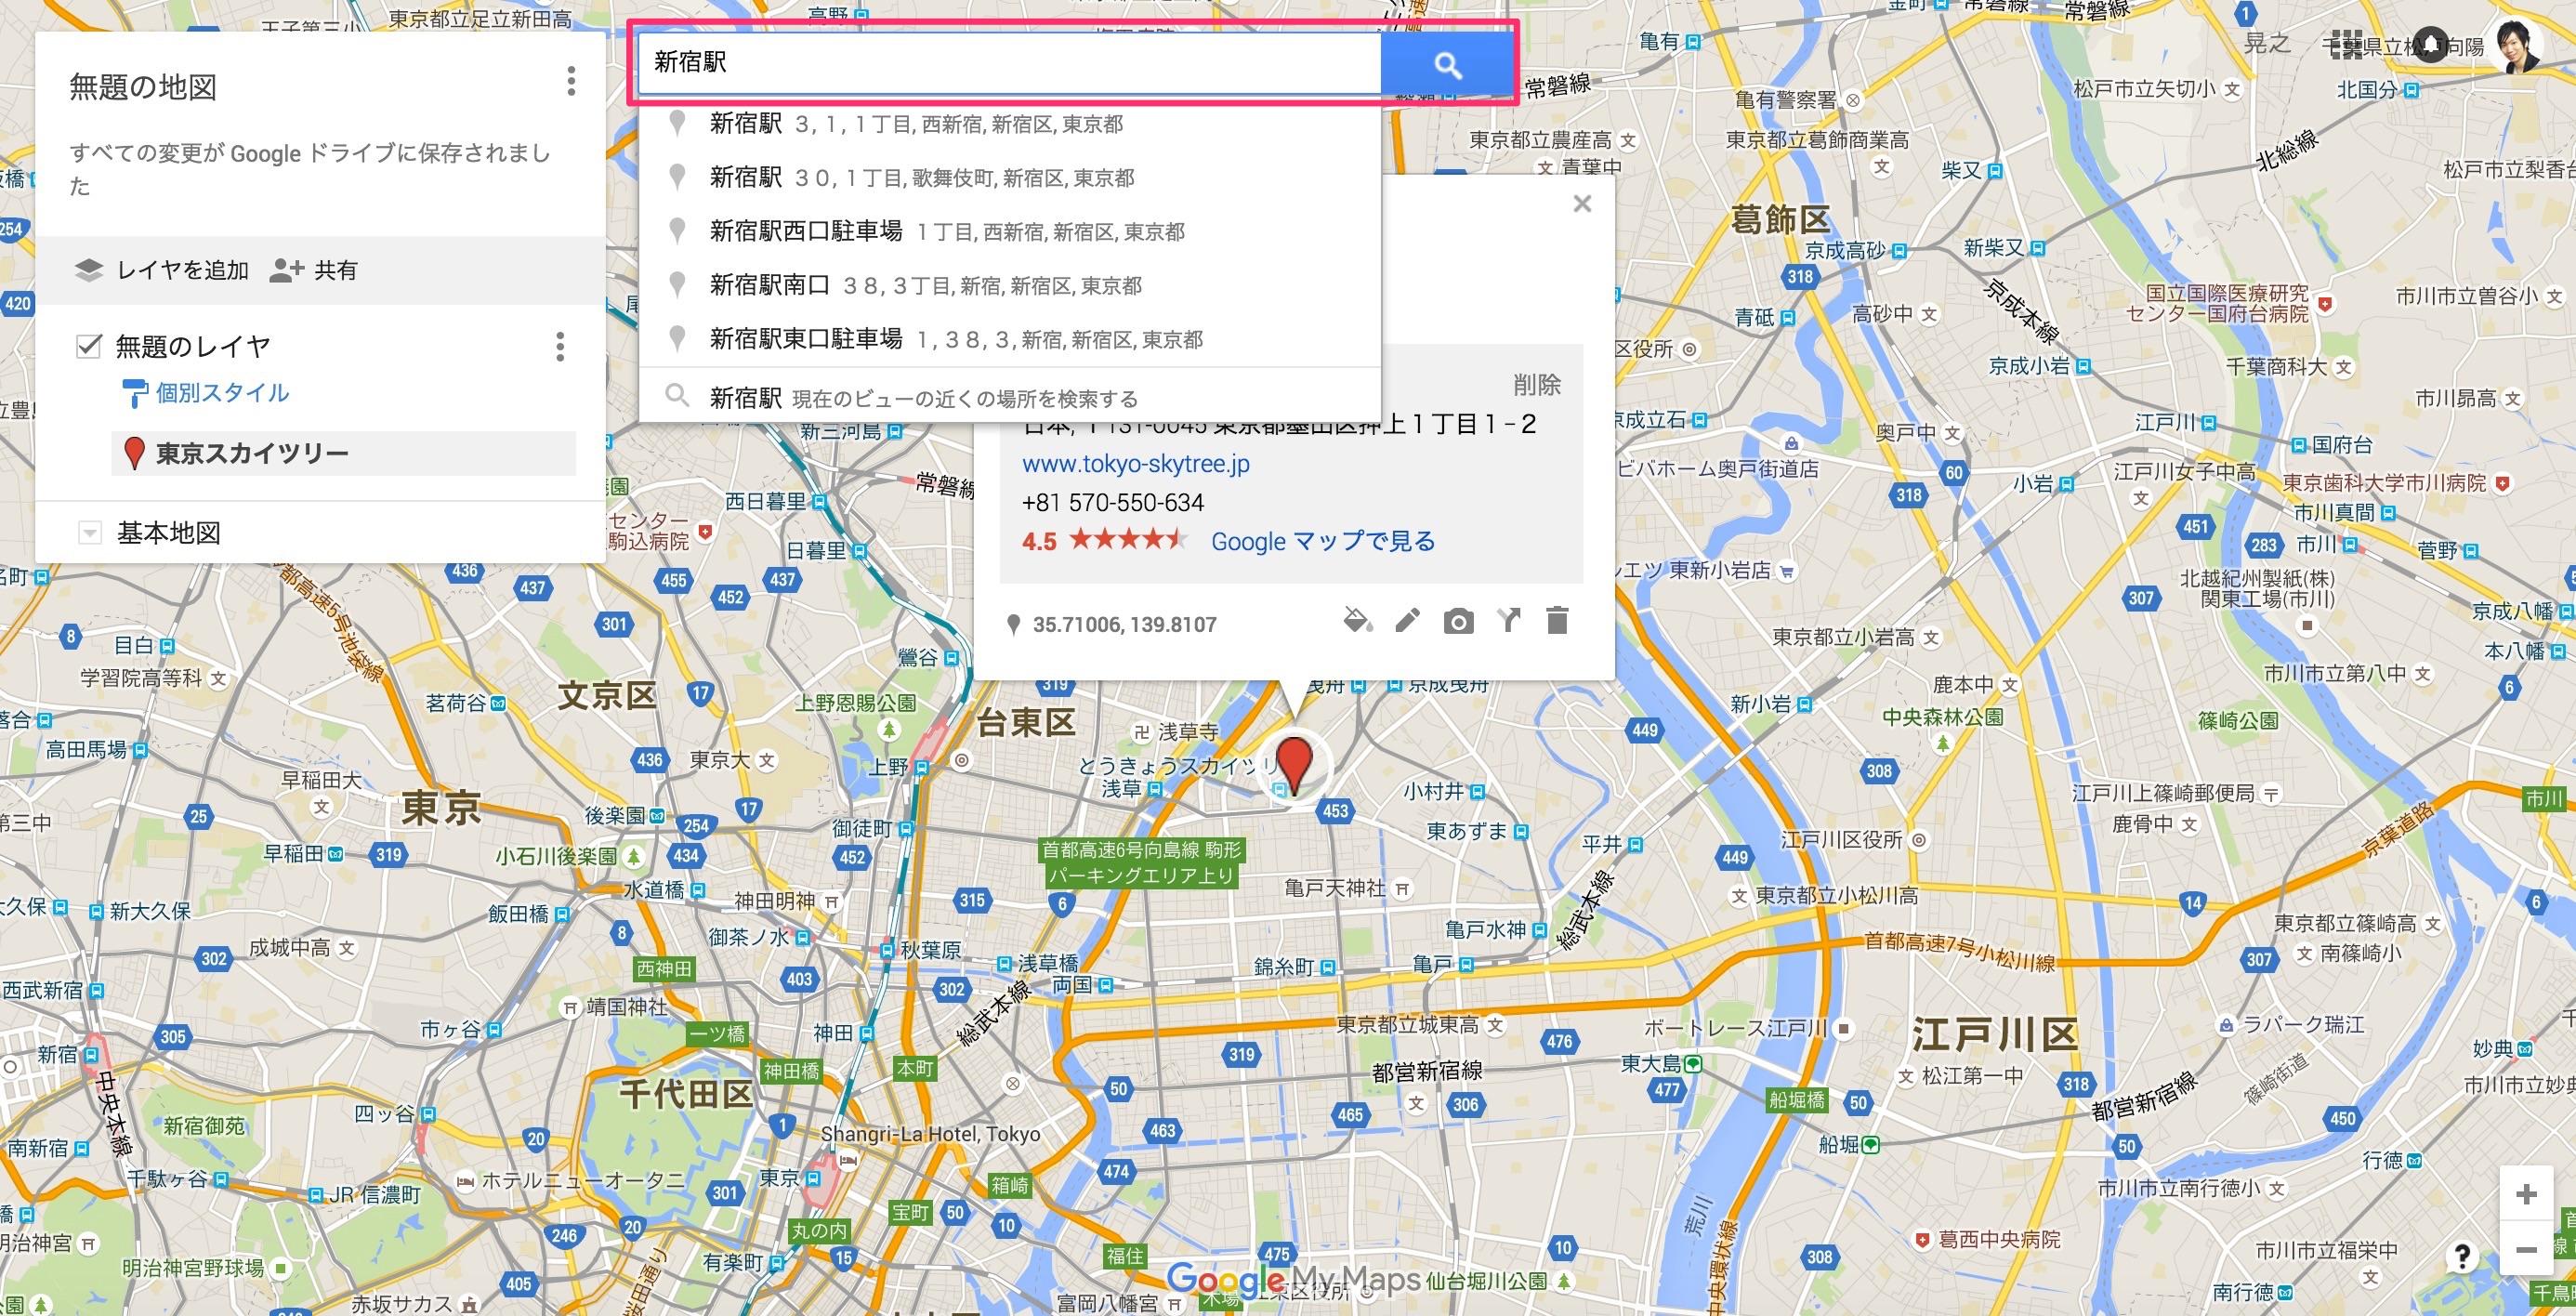 googlemapのマイプレイスの使い方6